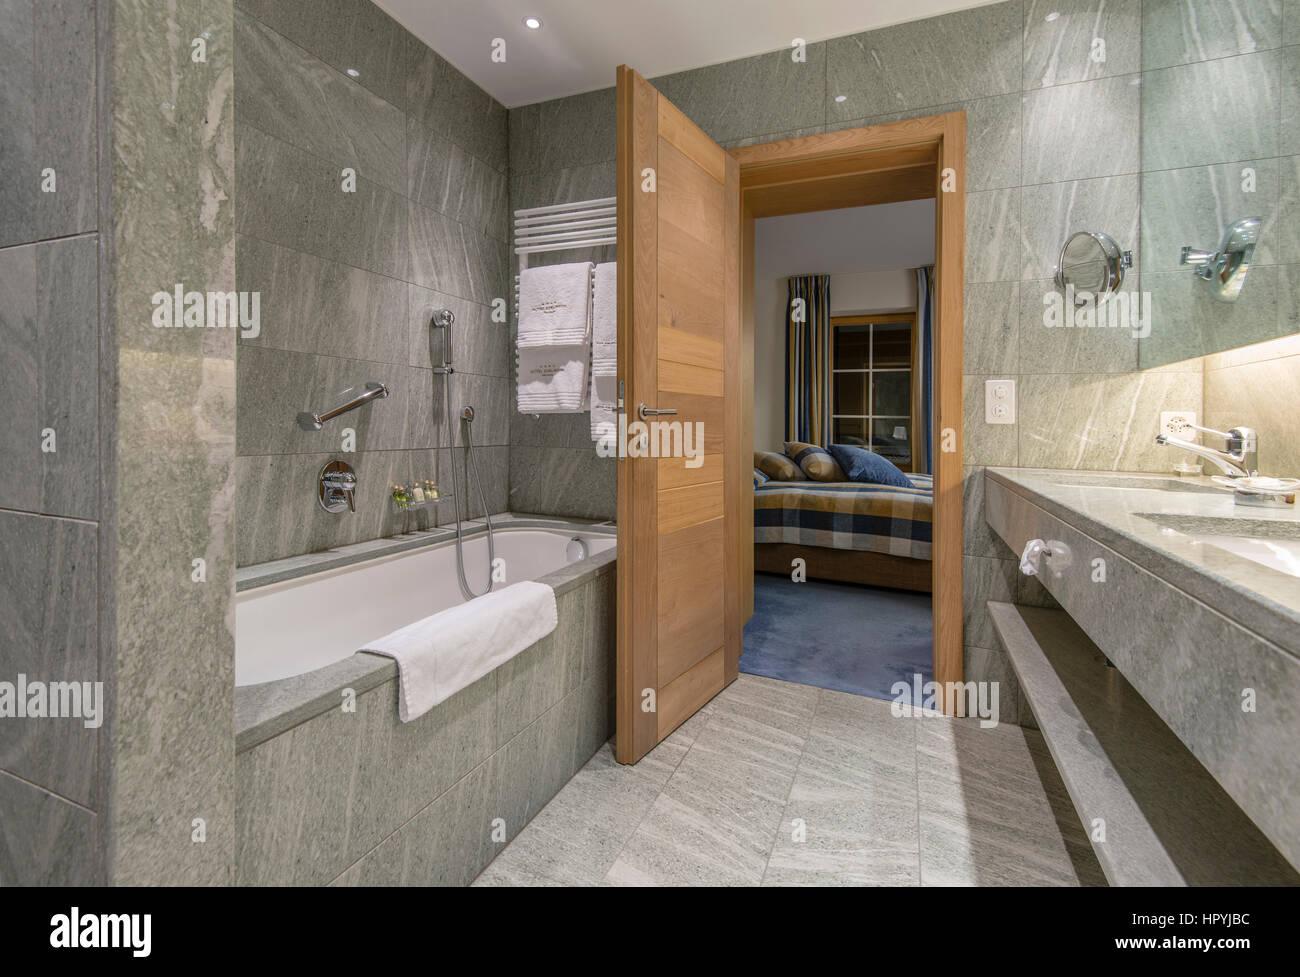 Moderno hotel minimalista bagno con piastrelle in marmo che